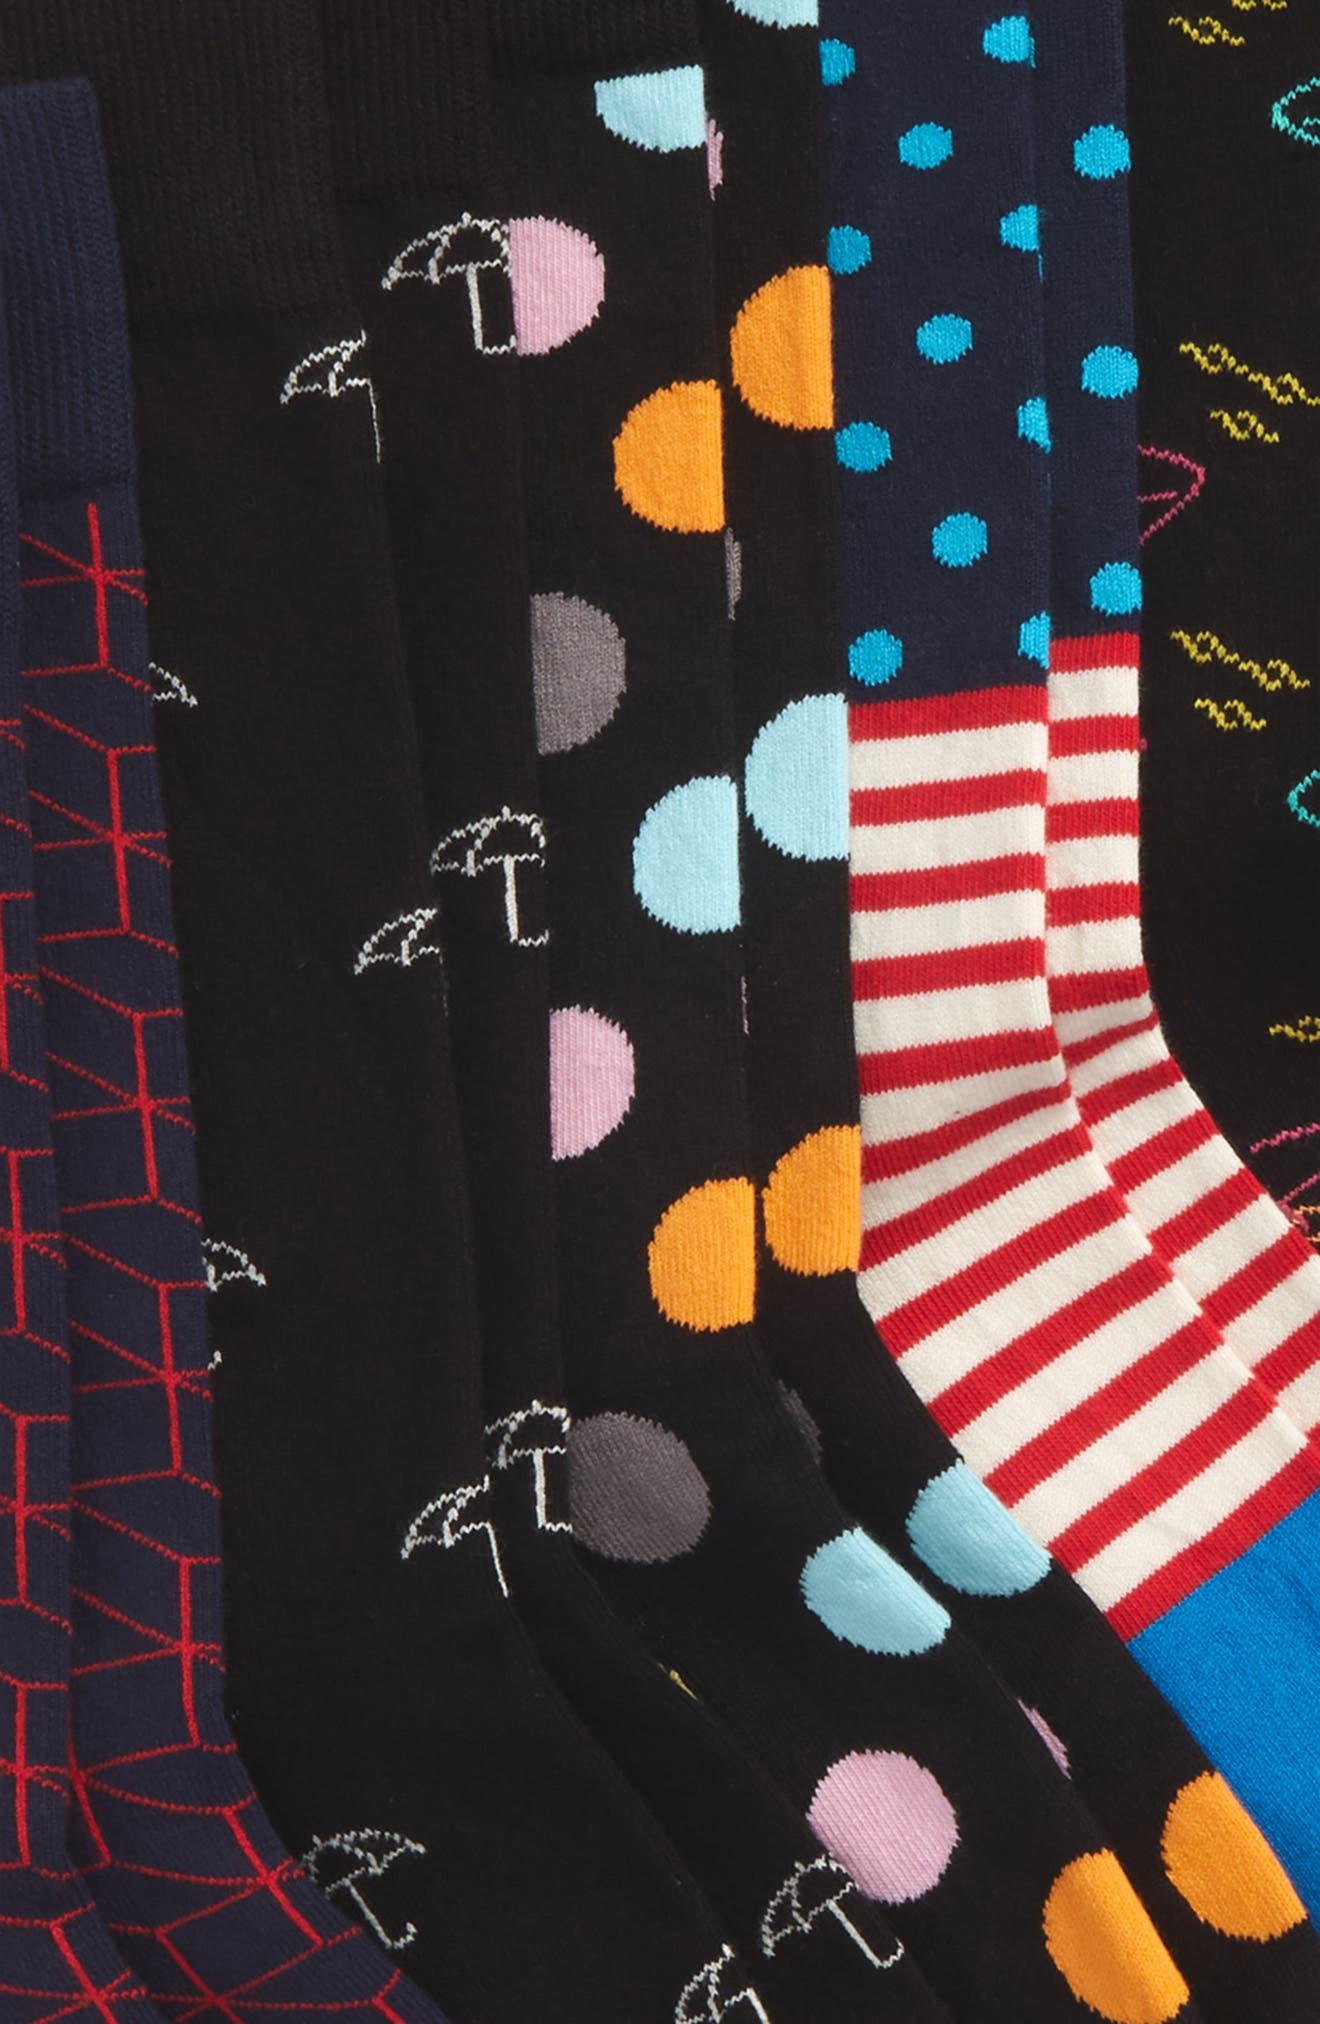 7 Days Assorted 7-Pack Socks Gift Set,                             Alternate thumbnail 2, color,                             Blue Multi